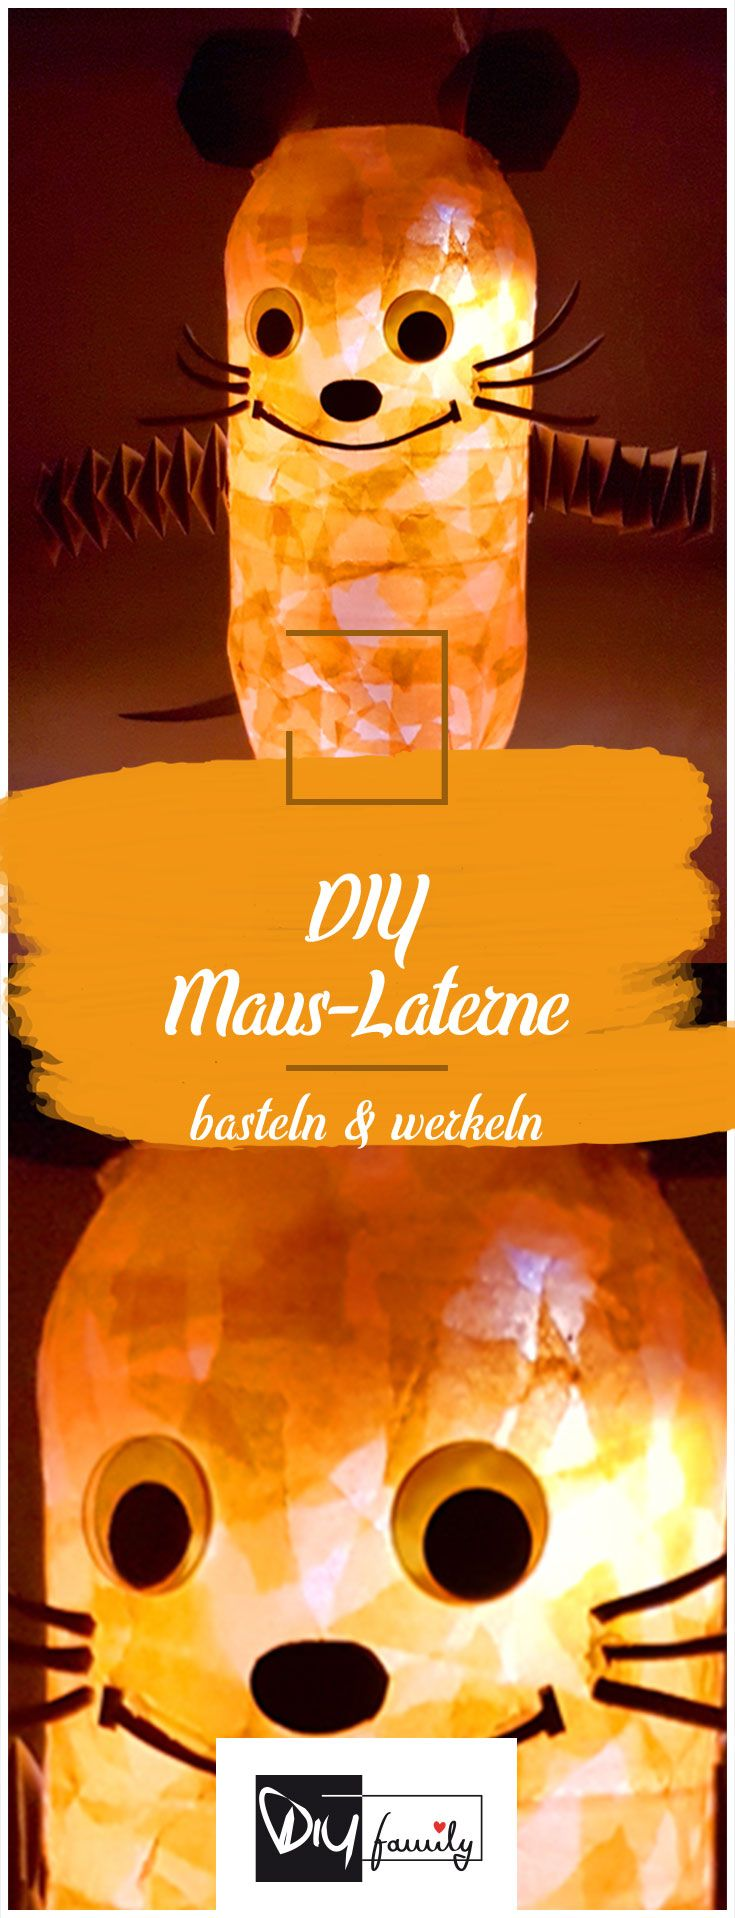 Wir haben uns überlegt, was man aus einer Flasche alles machen kann und sind auf diese süße kleine Maus gekommen! Wie ihr sie nachmachen könnt, könnt ihr auf unserem Blog sehen! #diy #laterne #lantern #sanktmartin #selfmade #handmade #basteln #kreative #anleitung #tutorial #laternebasteln